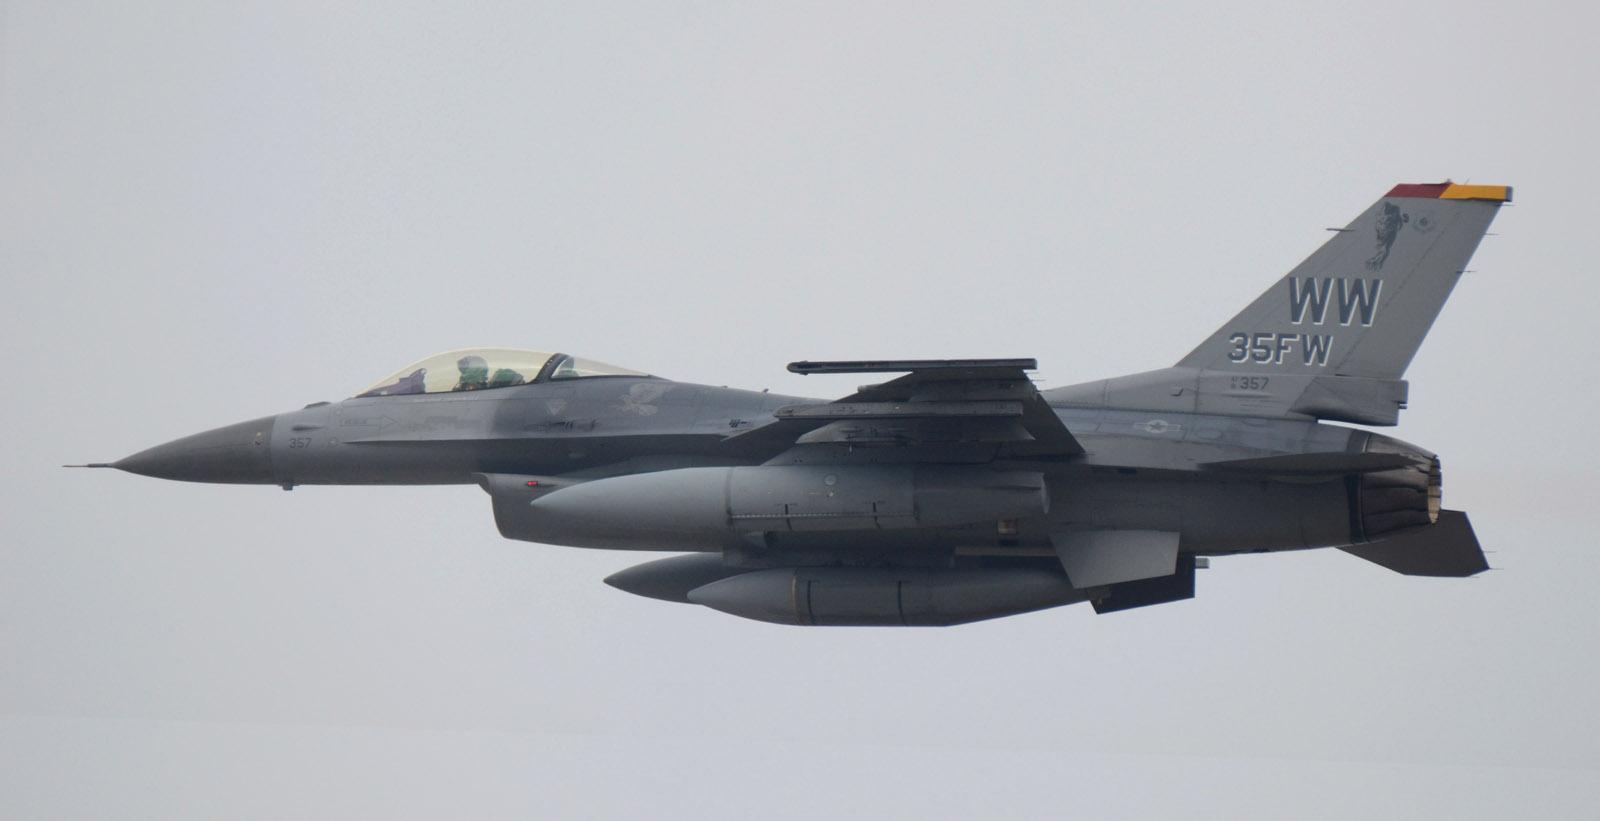 F16cm150401g863